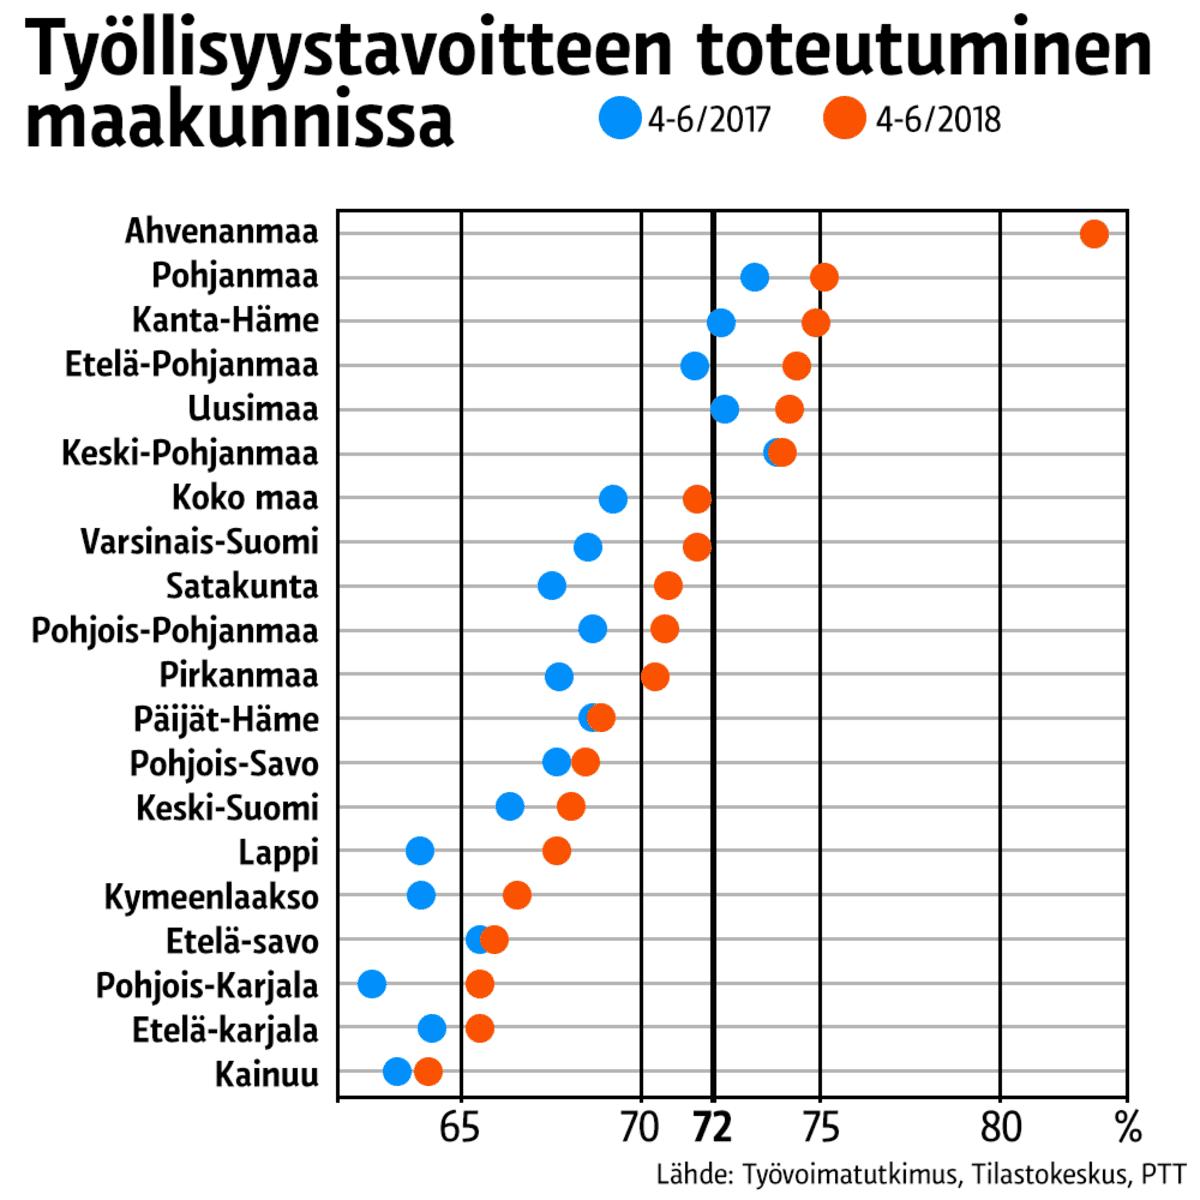 Tilastografiikka työllisyystavoitten toteutumisesta maakunnissa.